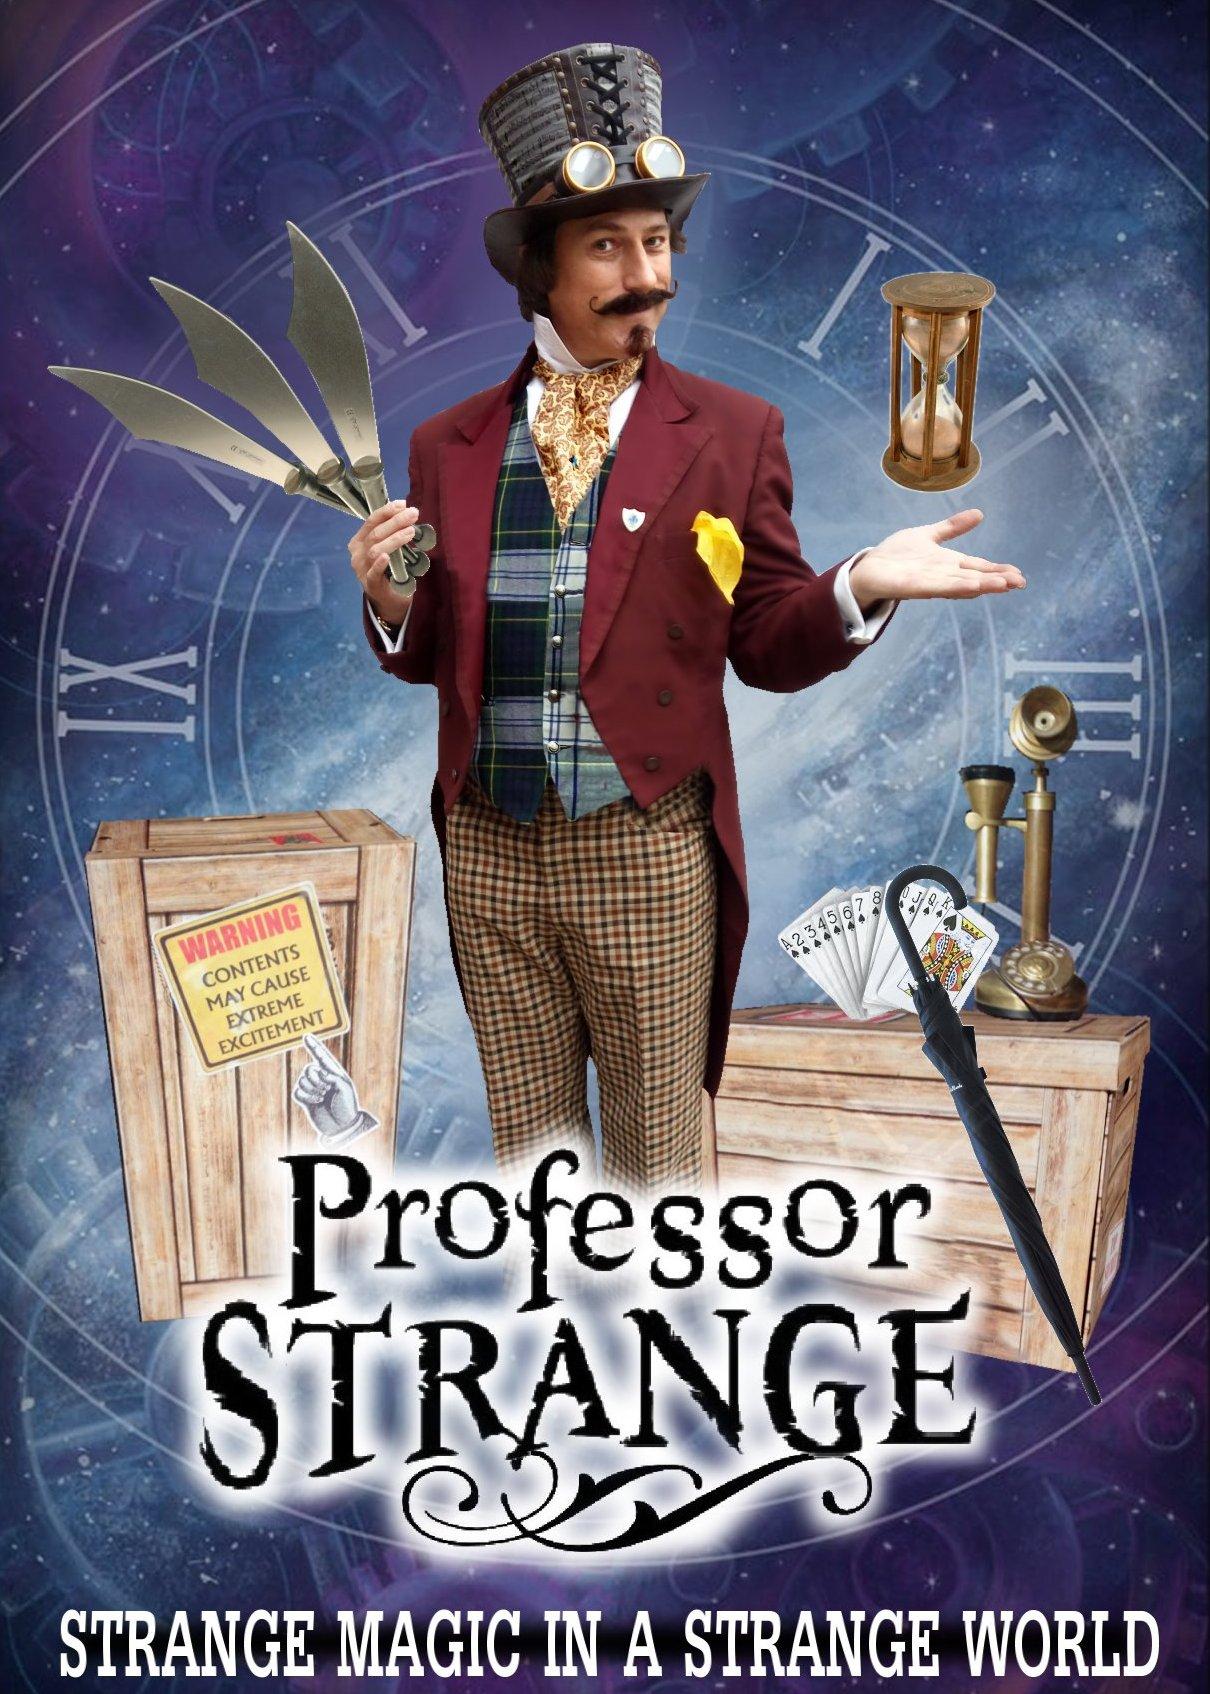 Professor Strange by Allin Kempthorne Magician / Juggler South East England